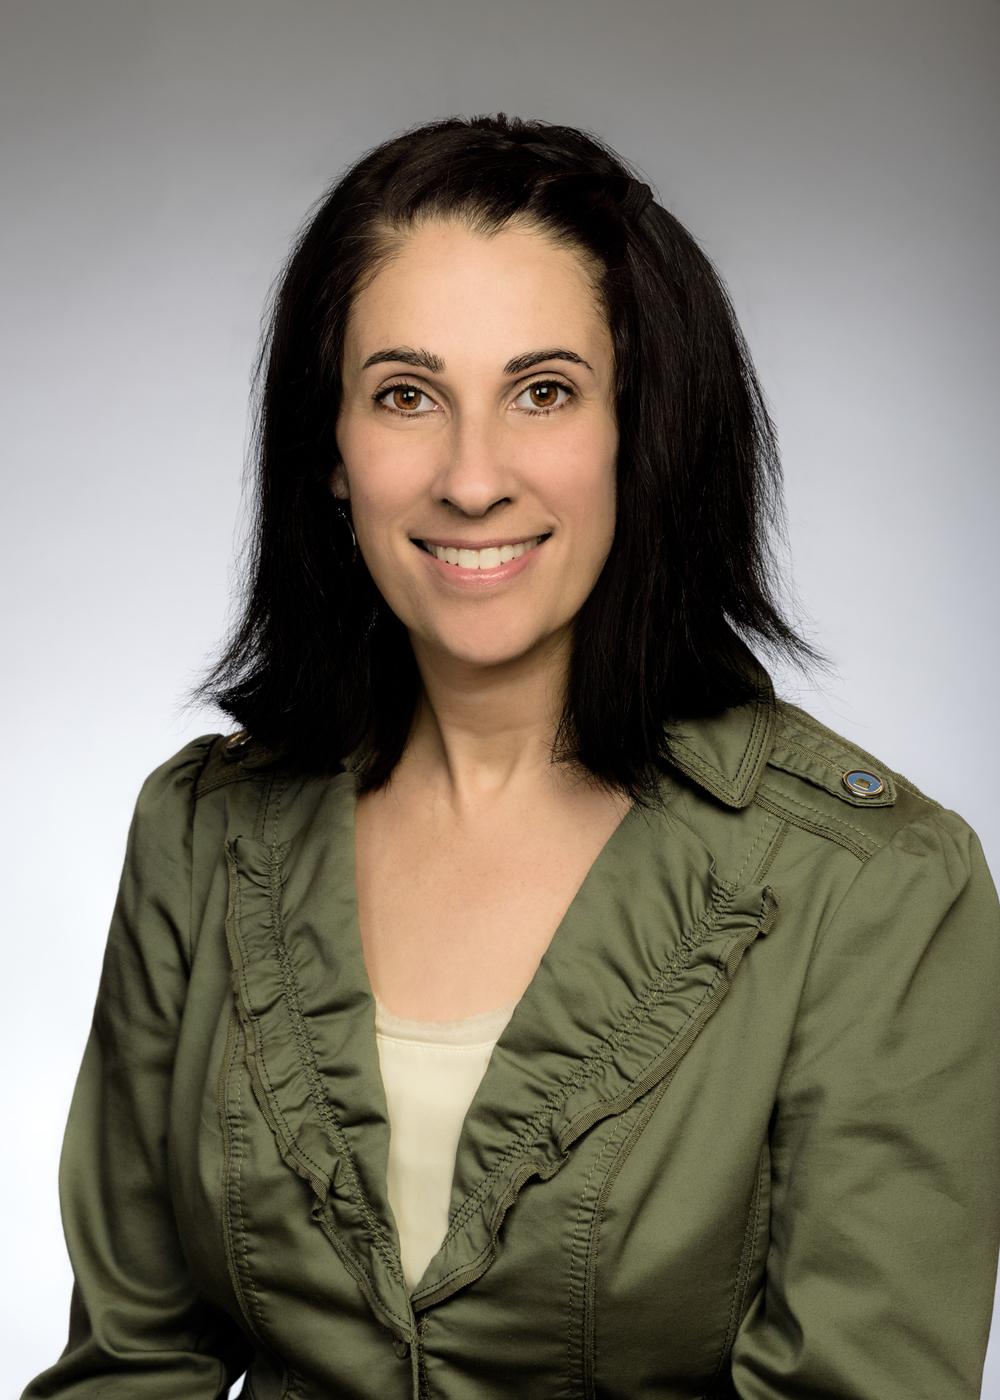 Michelle Cove MEDIAGIRLS